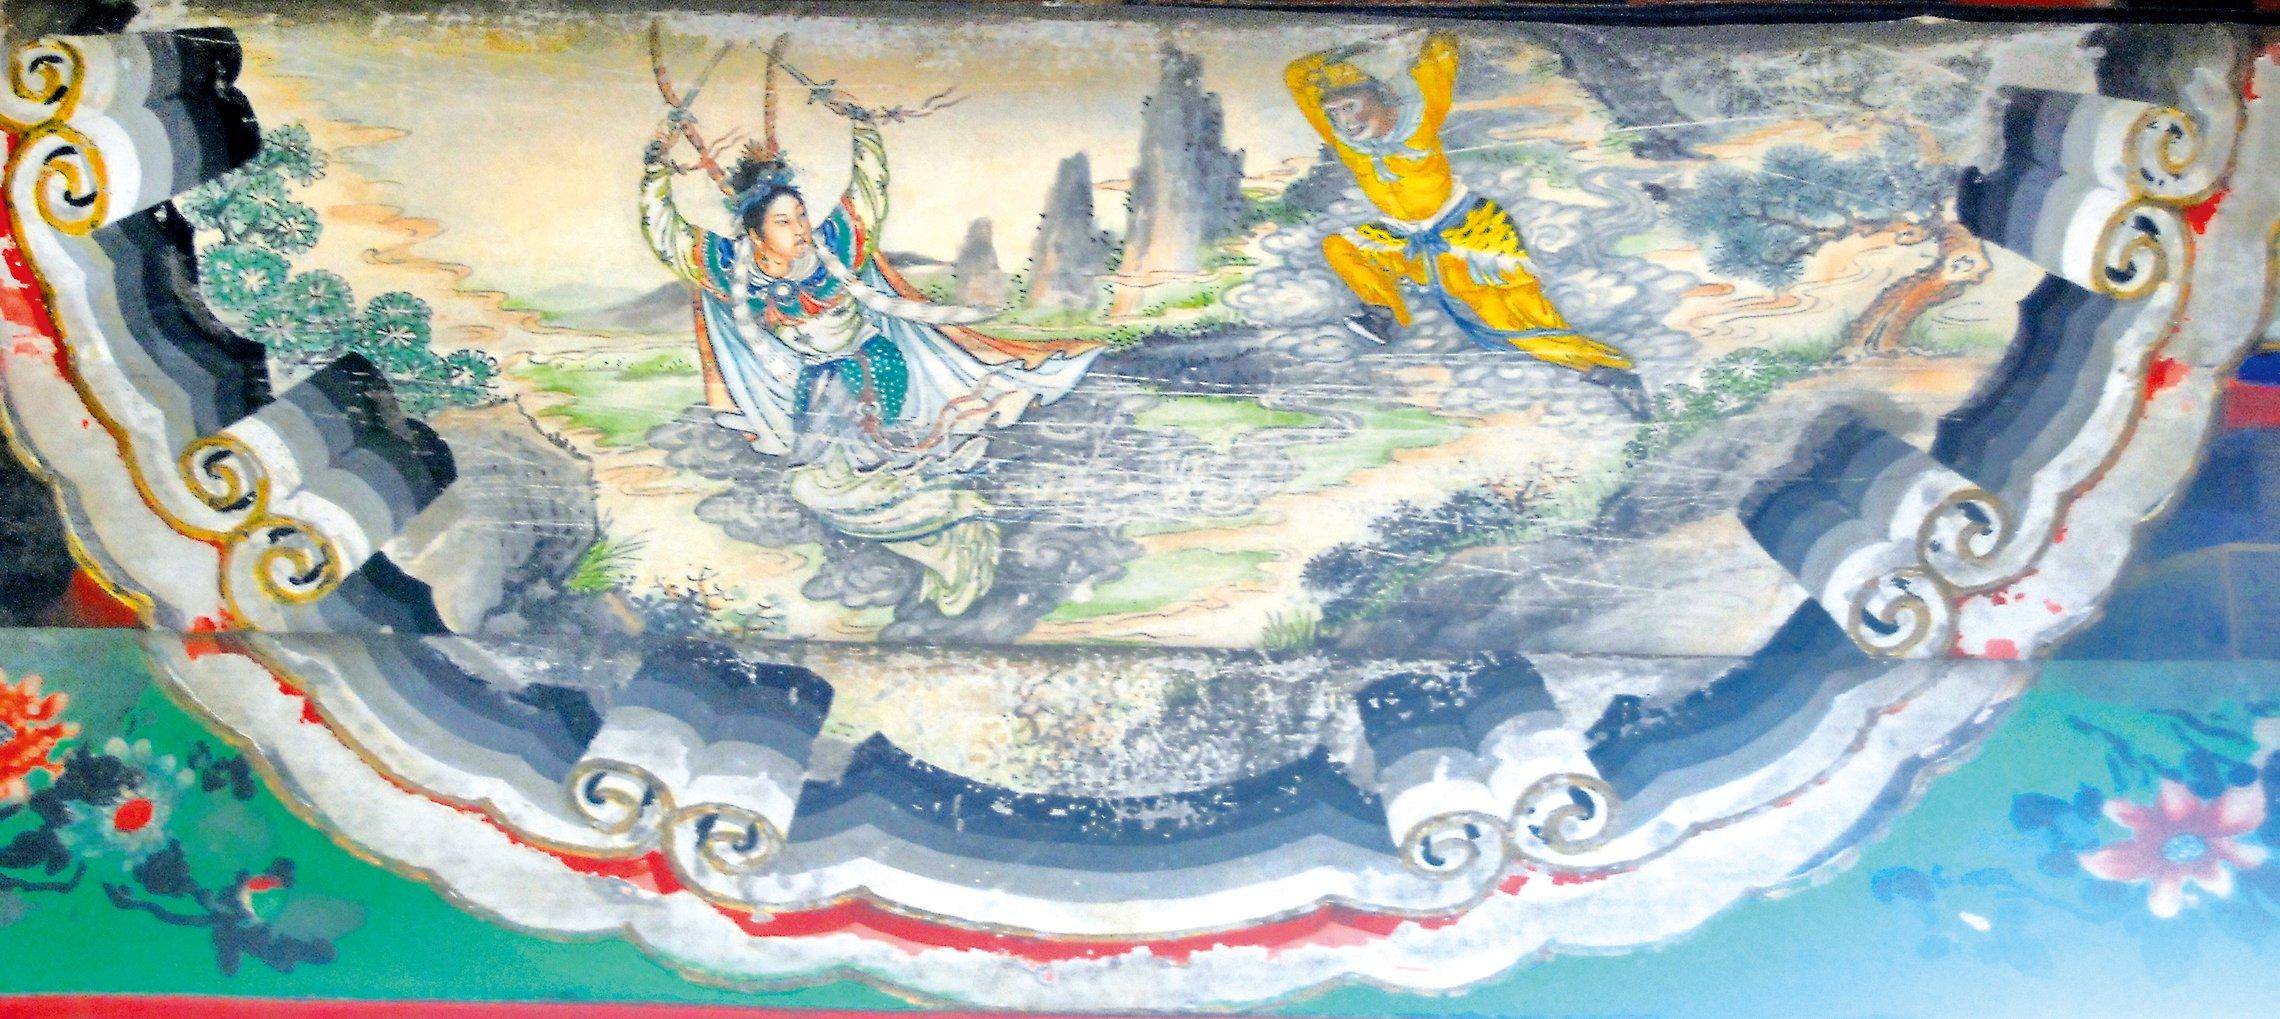 頤和園長廊彩繪中鐵扇公主與孫悟空打鬥的場面(公有領域)